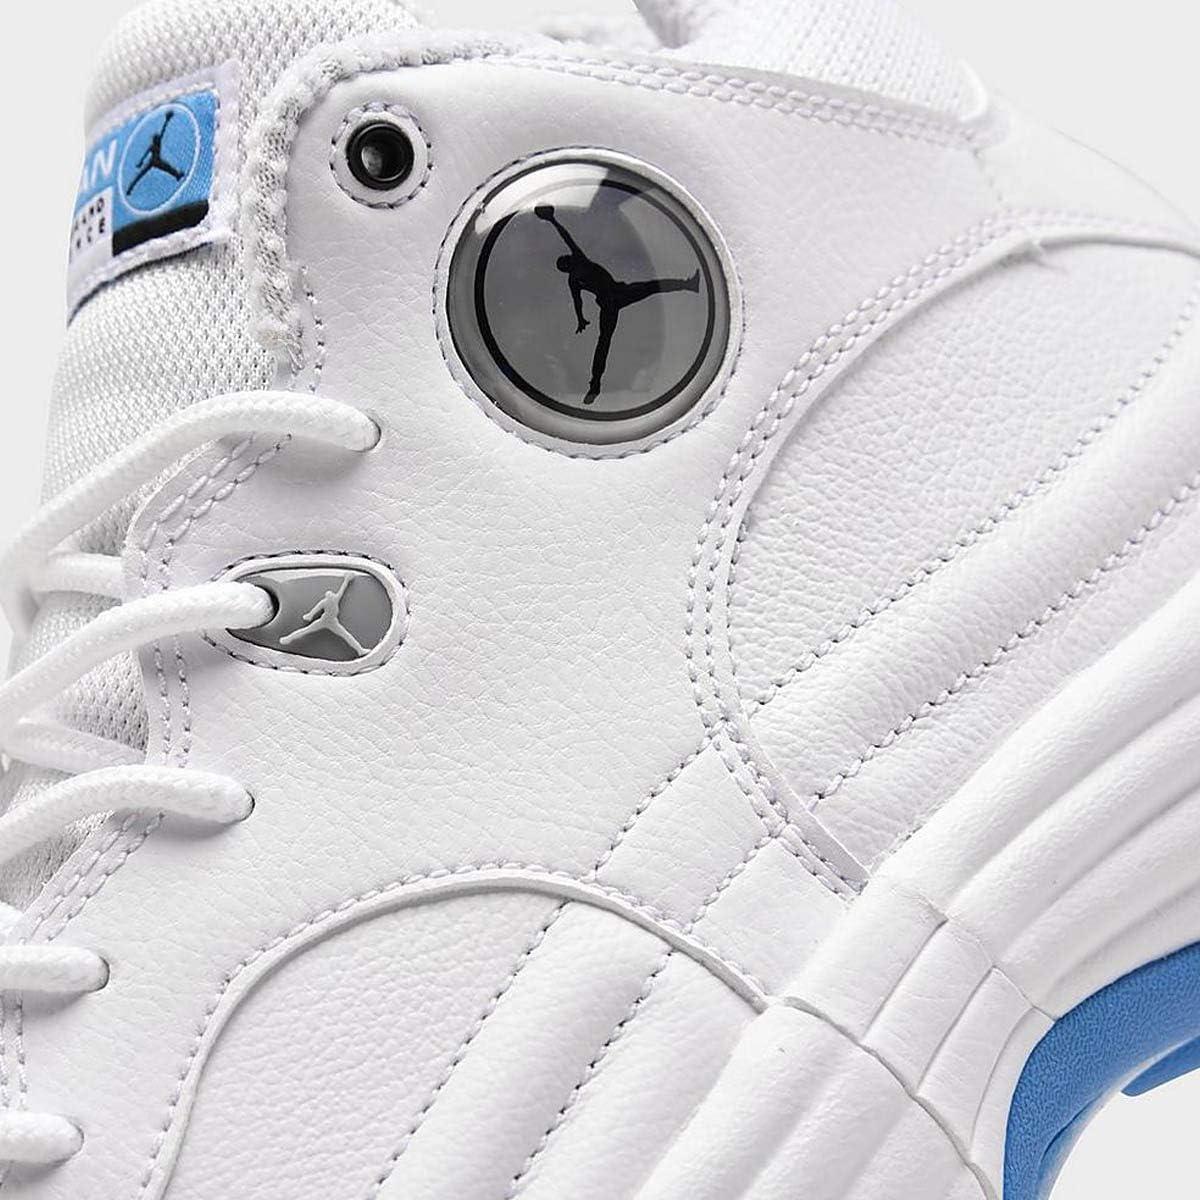 Jordan Men's Shoes Nike Jumpman Team 1 White University Blue CV8926-107